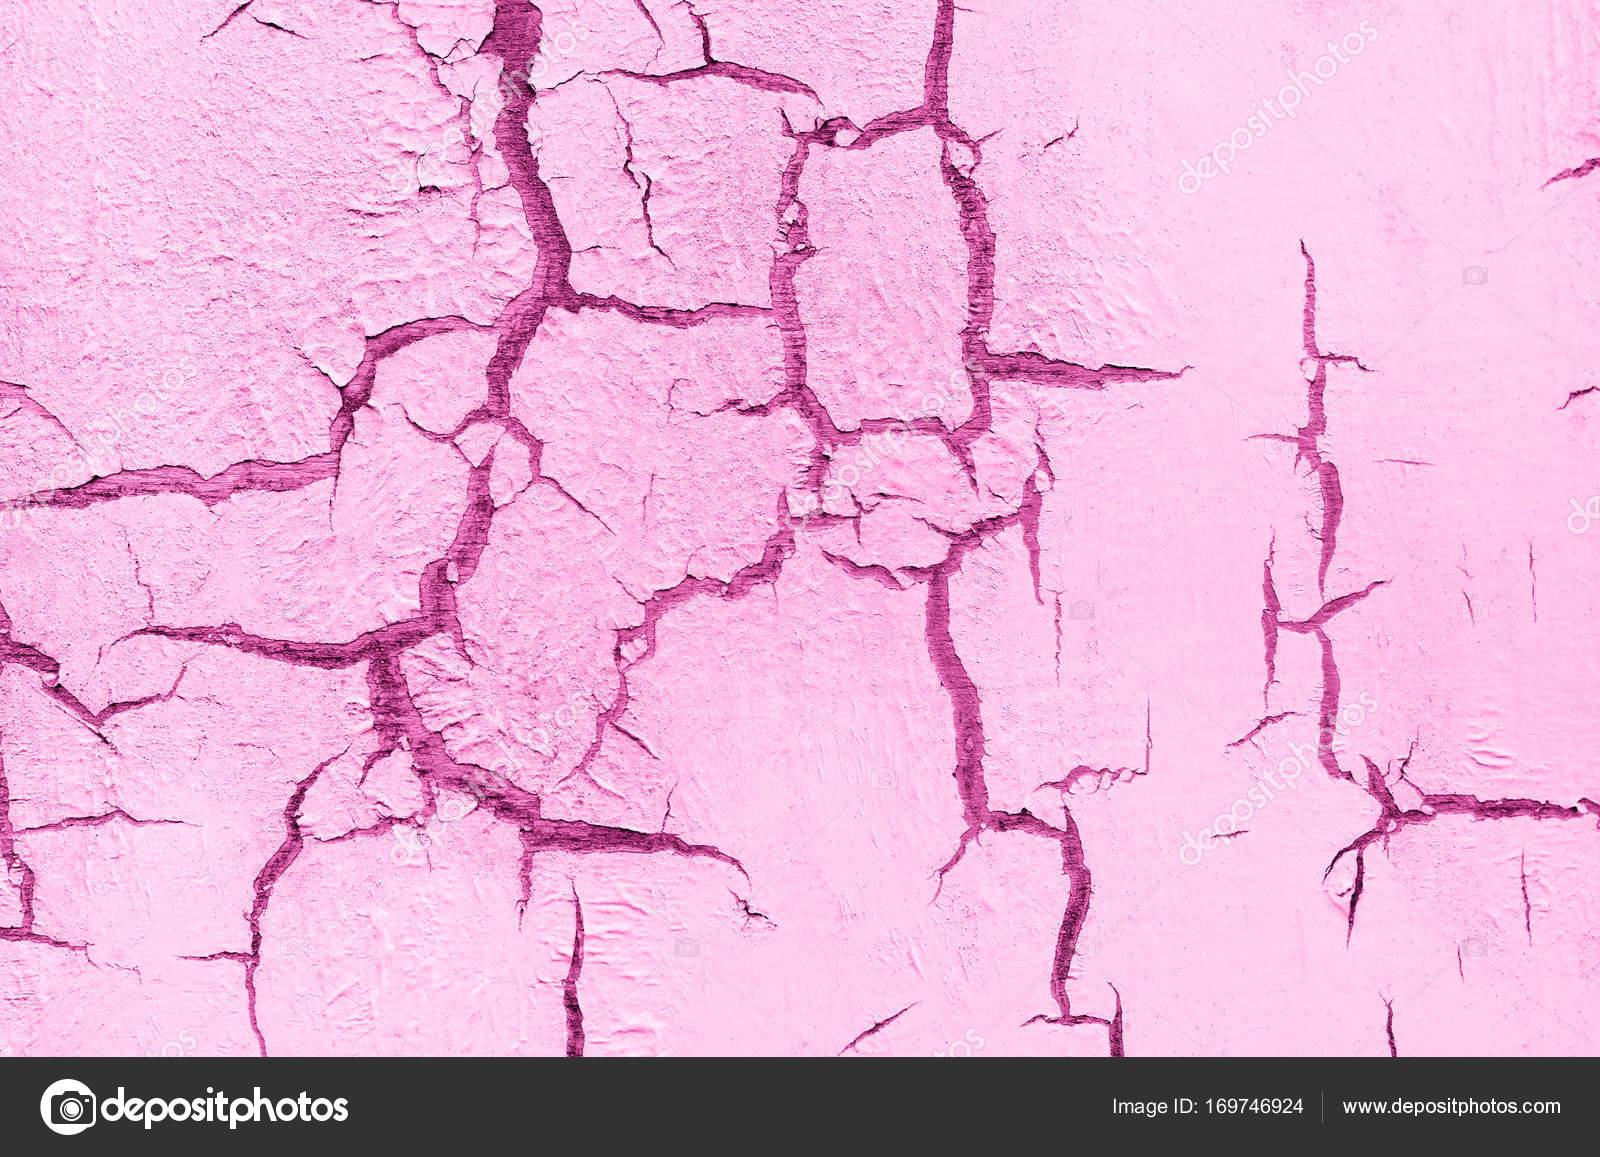 Alte Beschädigte Geknackt Farbe, Grunge Hintergrund Rosa Pastell Wandfarbe  U2014 Stockfoto